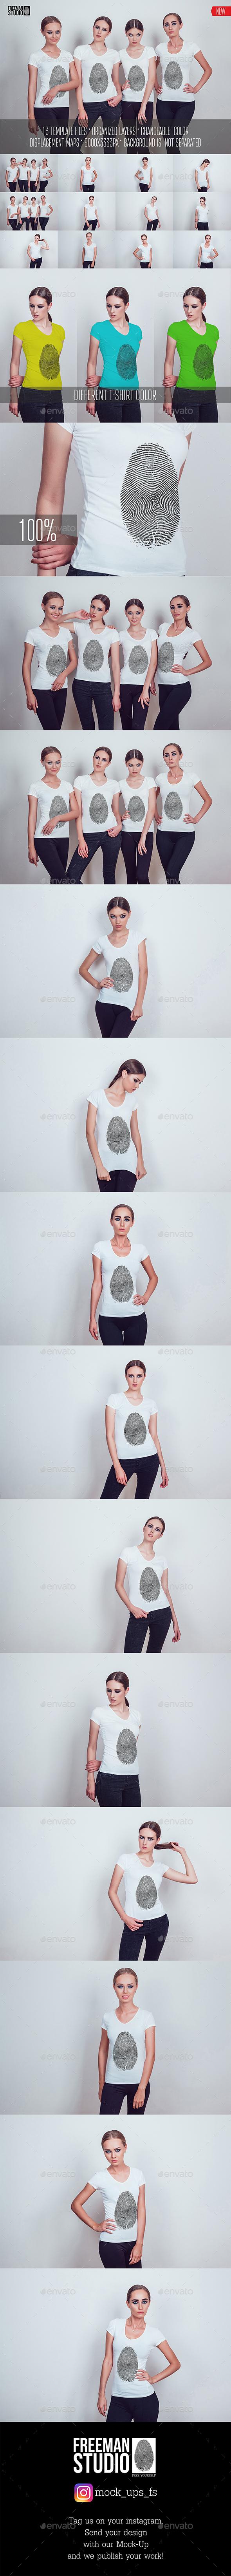 Women's T-Shirt Mock-Up Vol.1 2017 - Product Mock-Ups Graphics